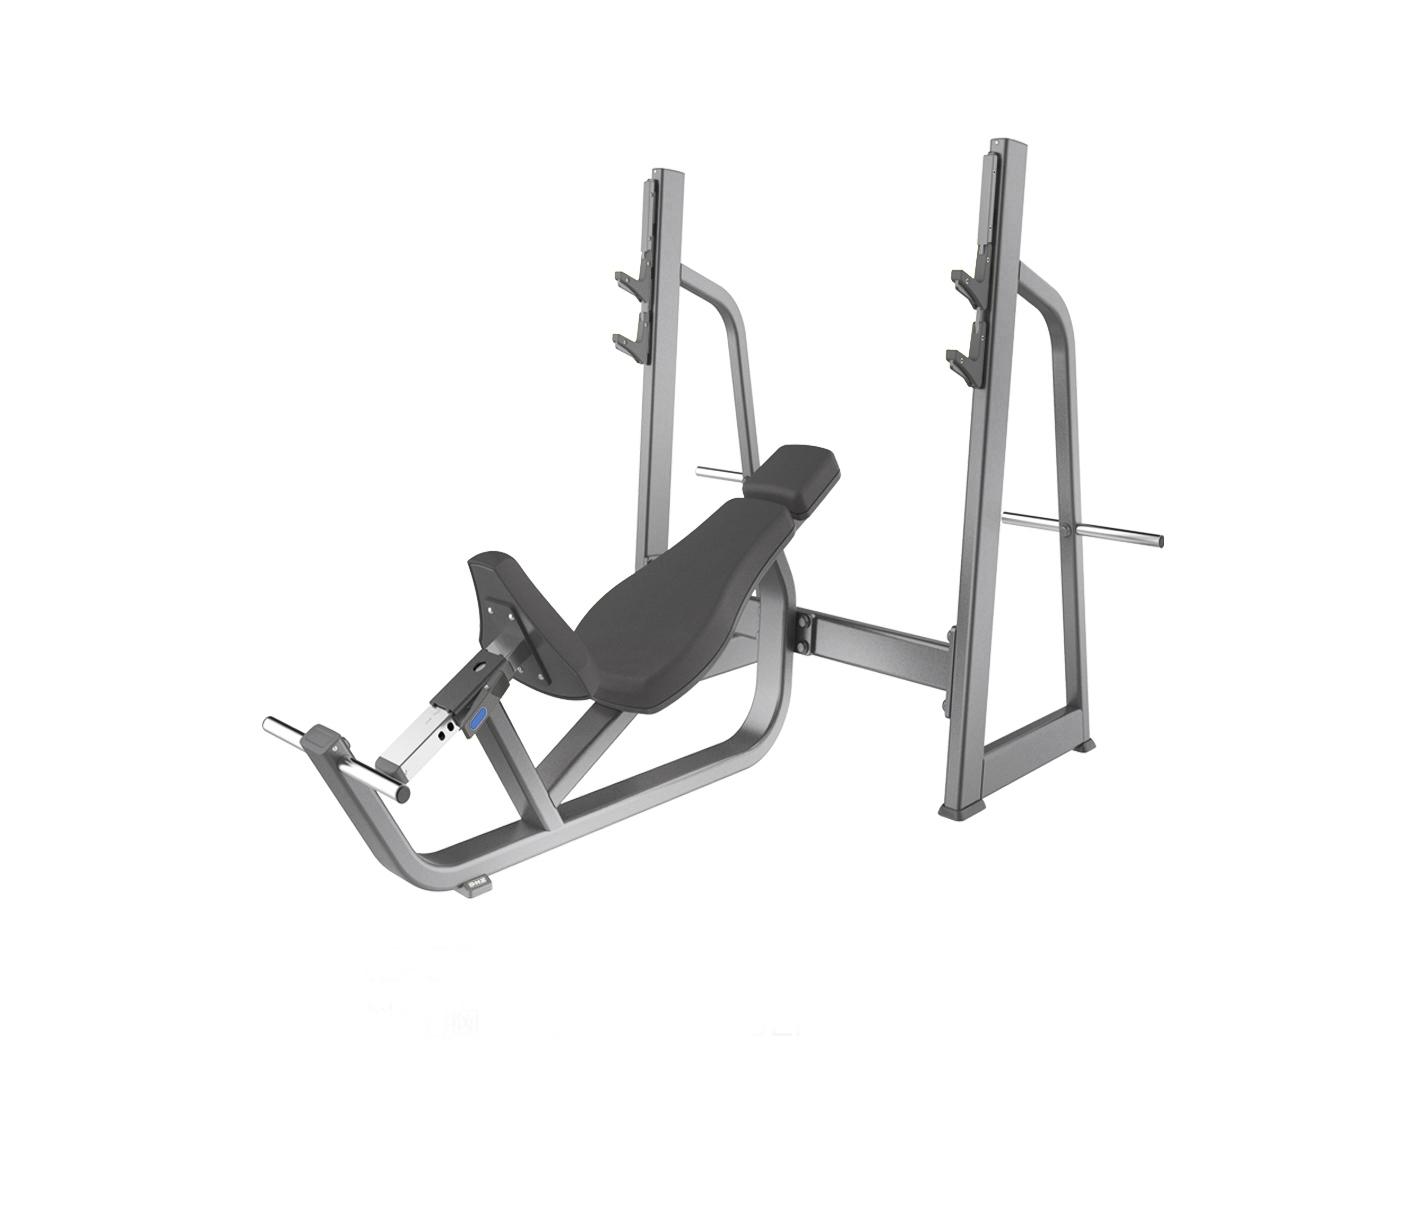 Фото - Тренажер GROME Fitness AXD5042A Олимпийская скамья для жима лежа с положительным углом тренажер svensson industrial e3042 matte black скамья для жима с положительным наклоном